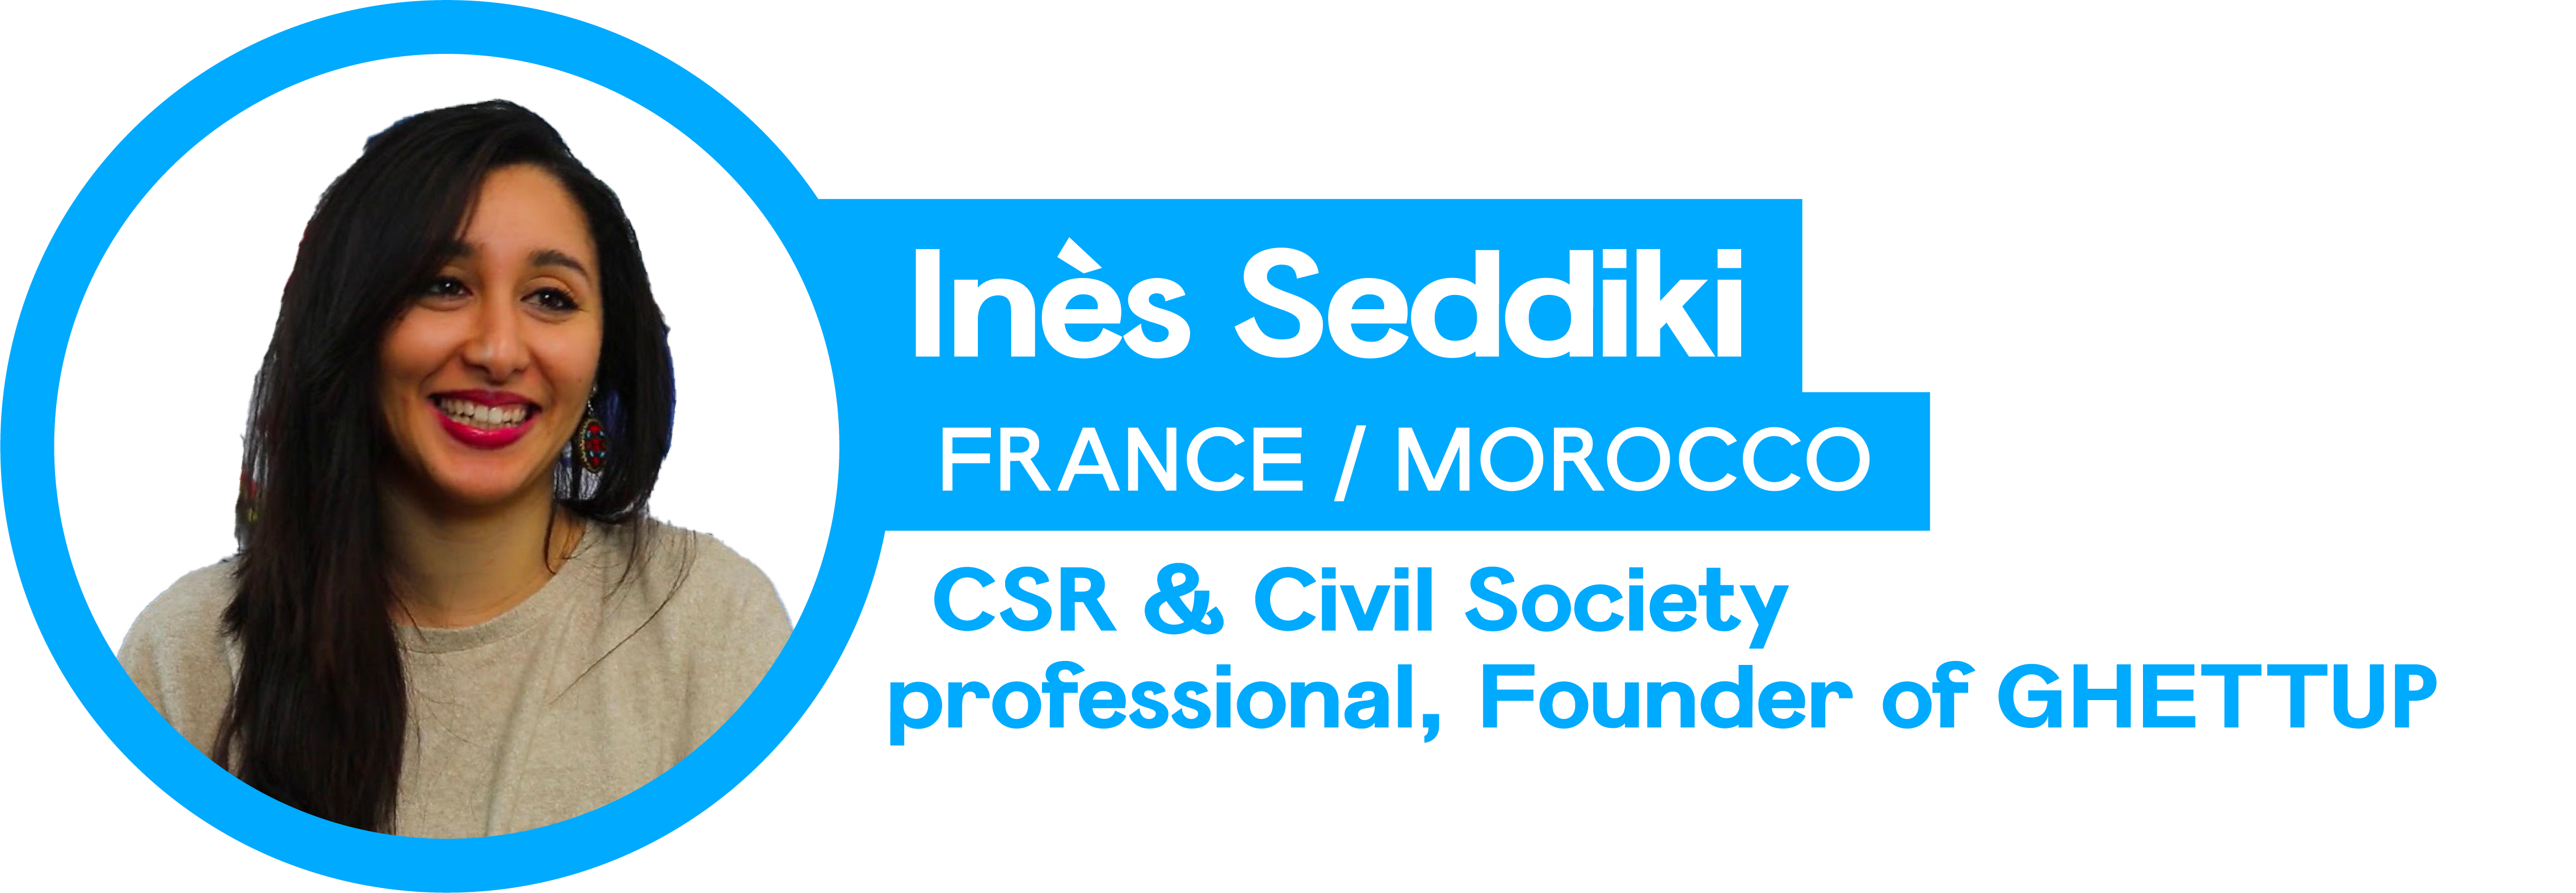 Inès Seddiki